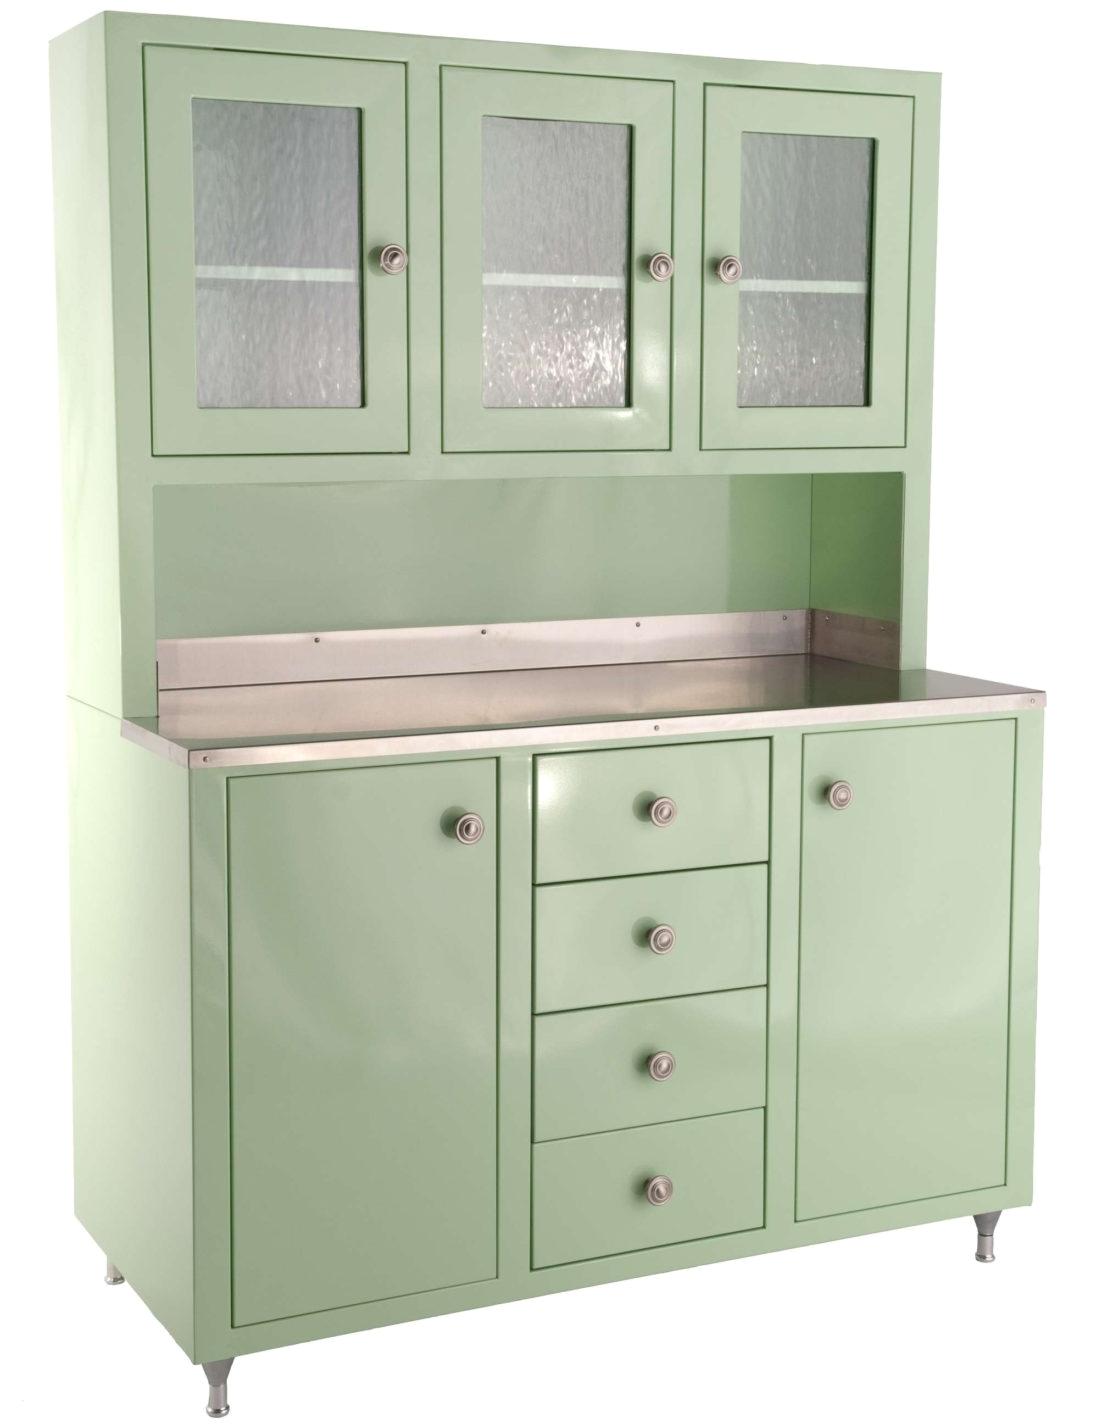 Kitchen Storage Cabinets 34 Best Kitchen Storage Cabinets Free Standing Storage Cabinet For Kitchen Beautiful